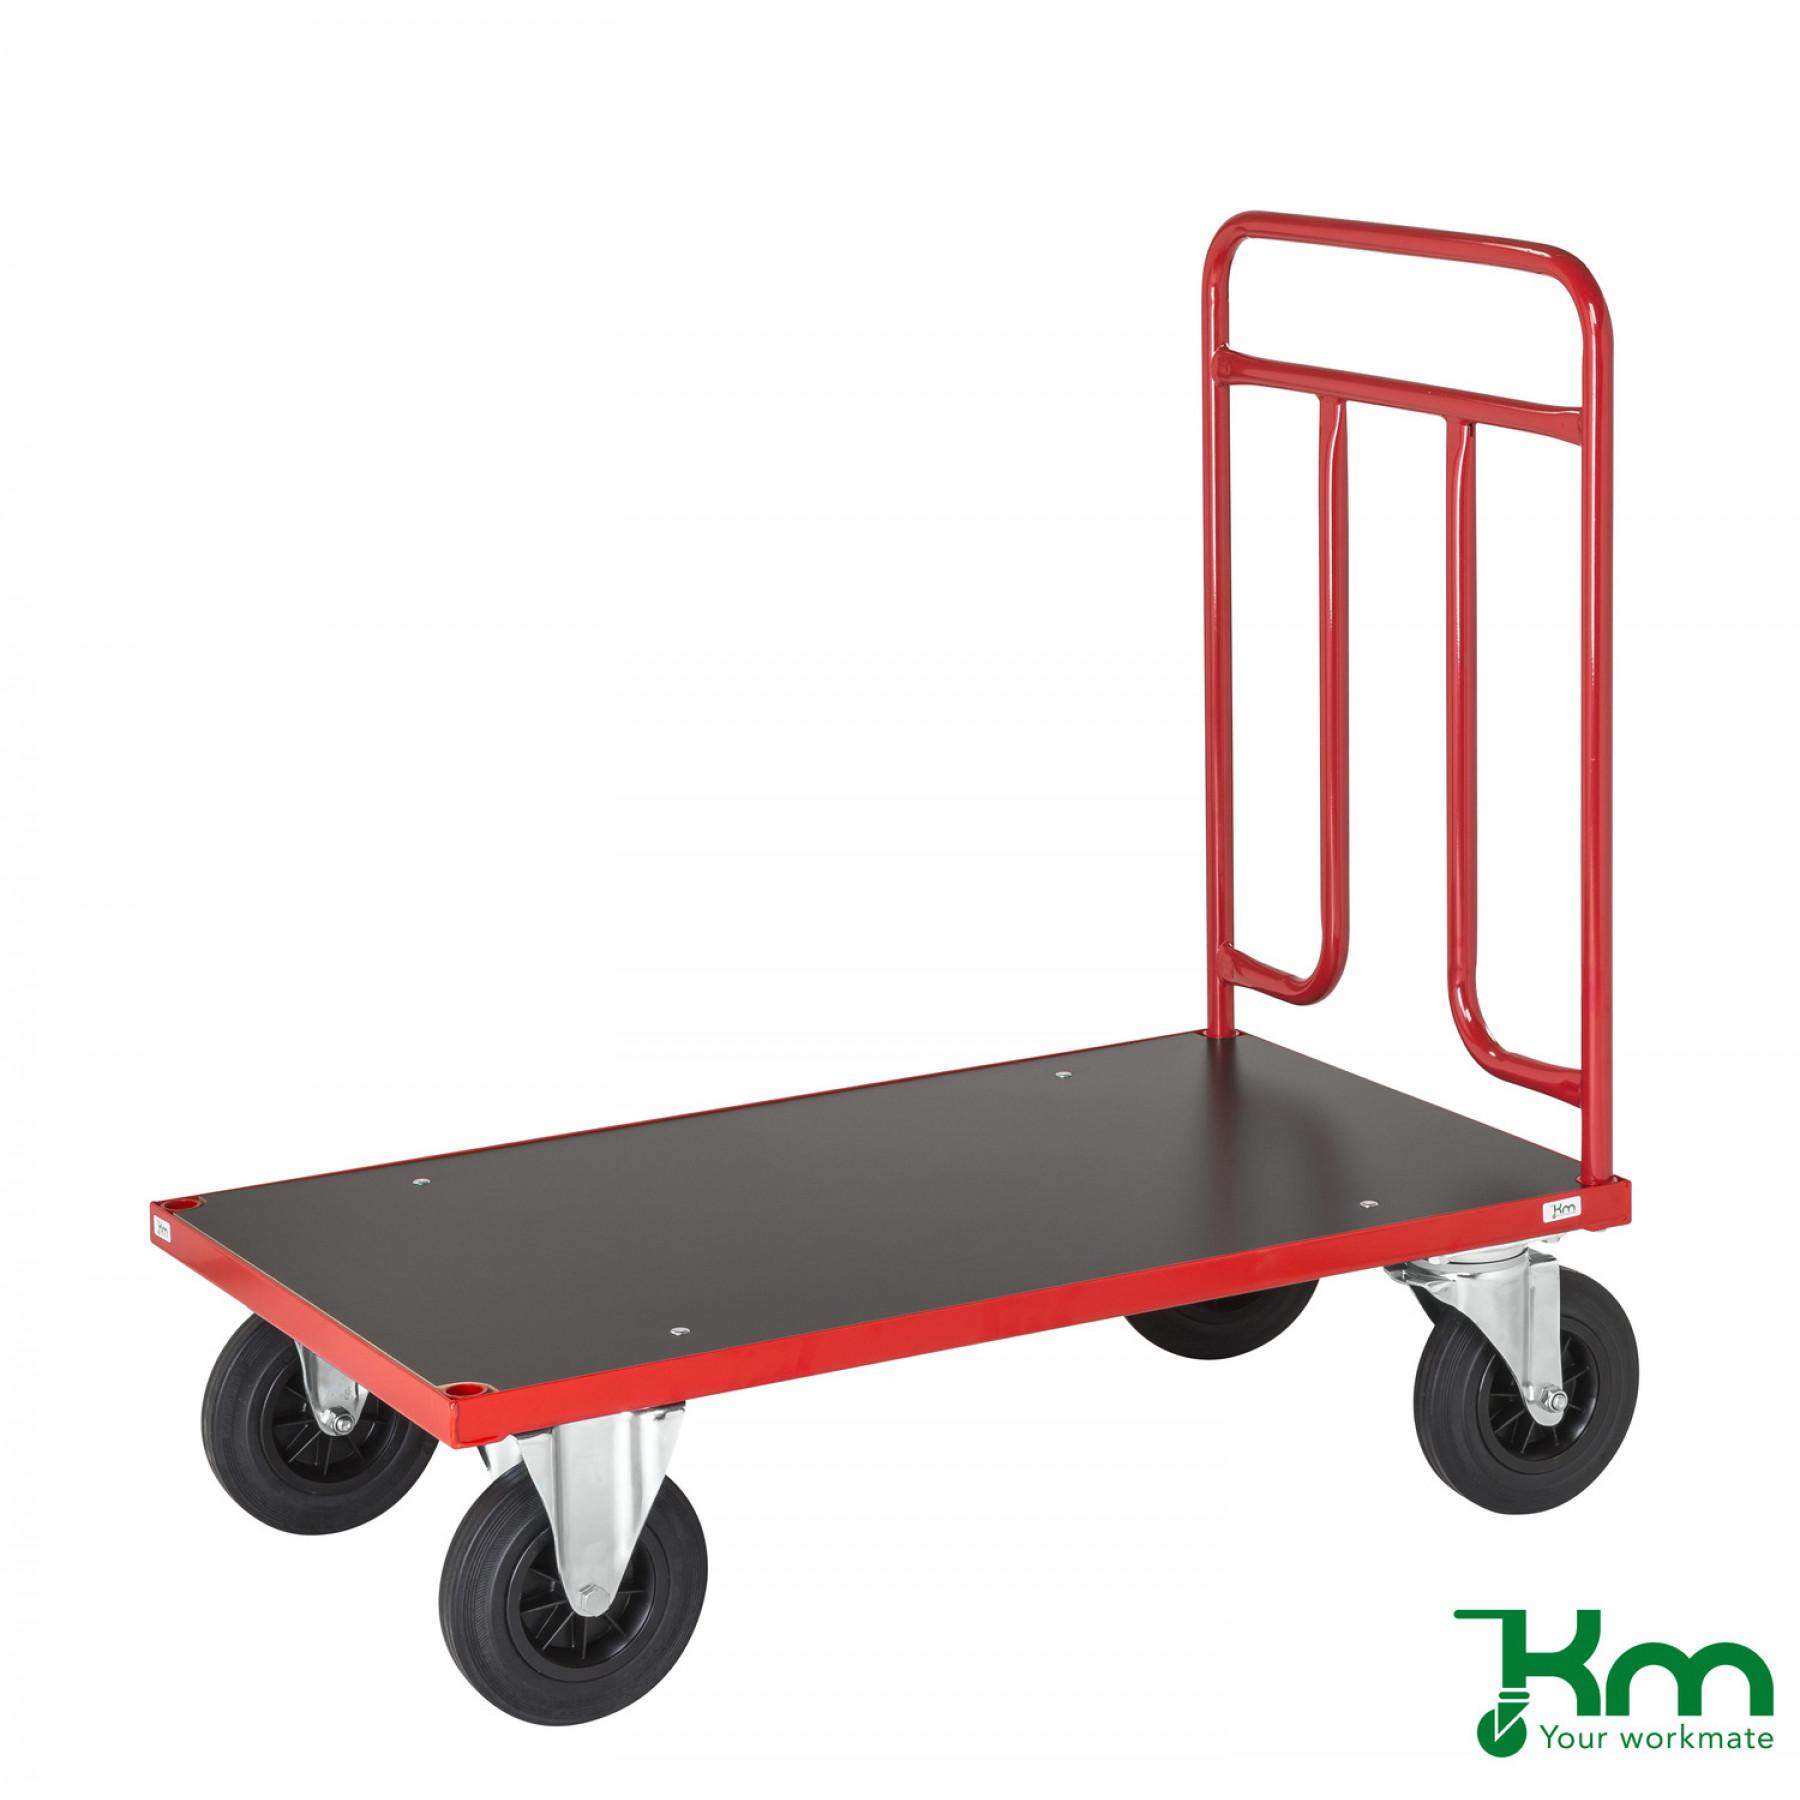 Duwwagen 1000x600 mm. Draagvermogen 500 kg, KM 731-4B